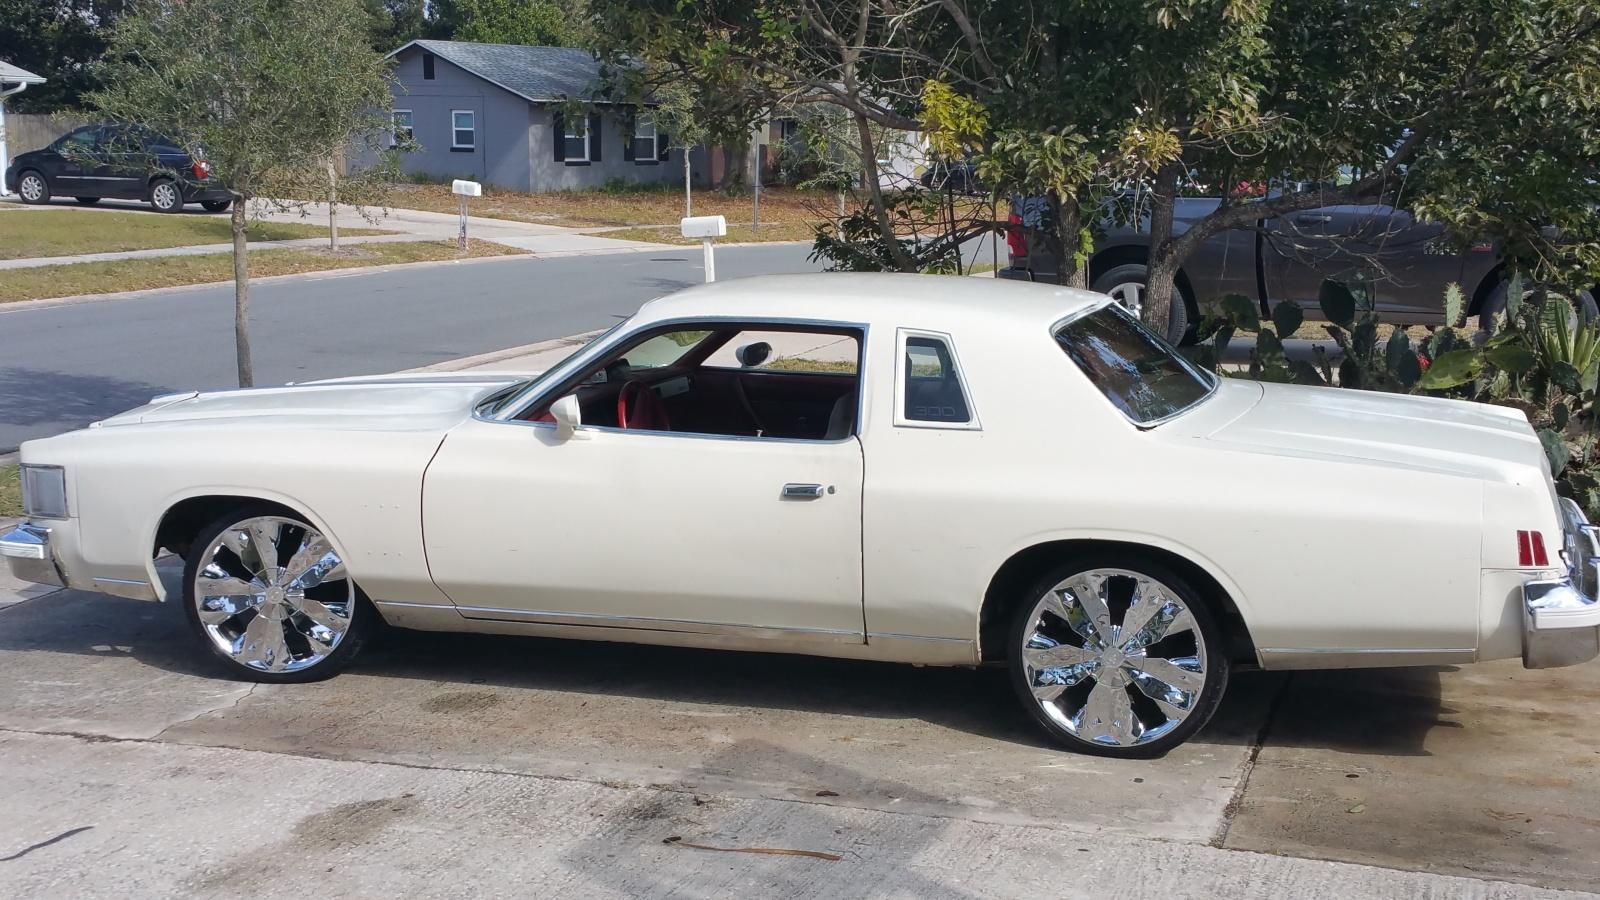 Odd Hurst Out: 1970 Chrysler 300 Hurst